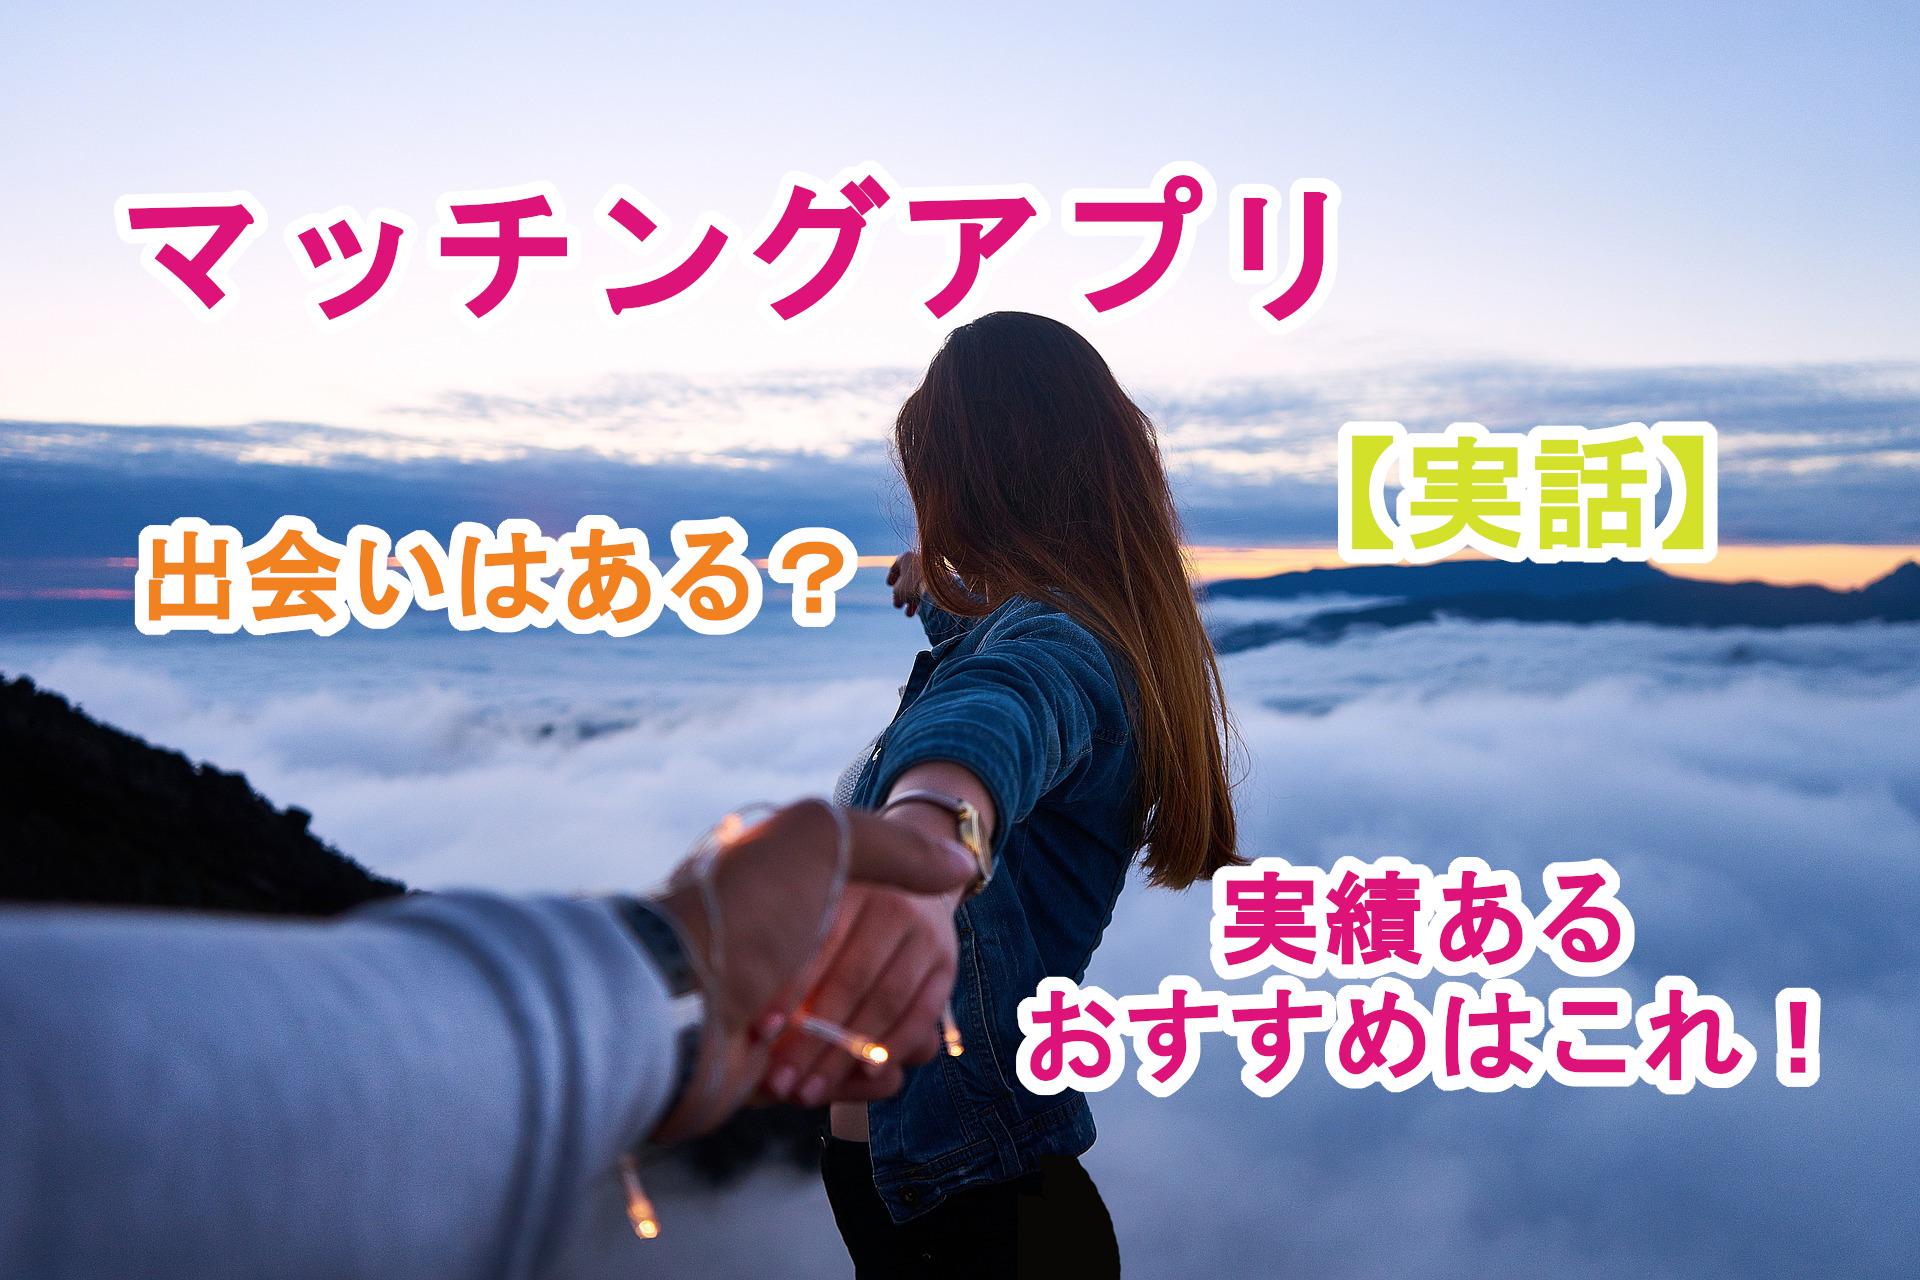 マッチングアプリのおすすめ紹介【実話参考】